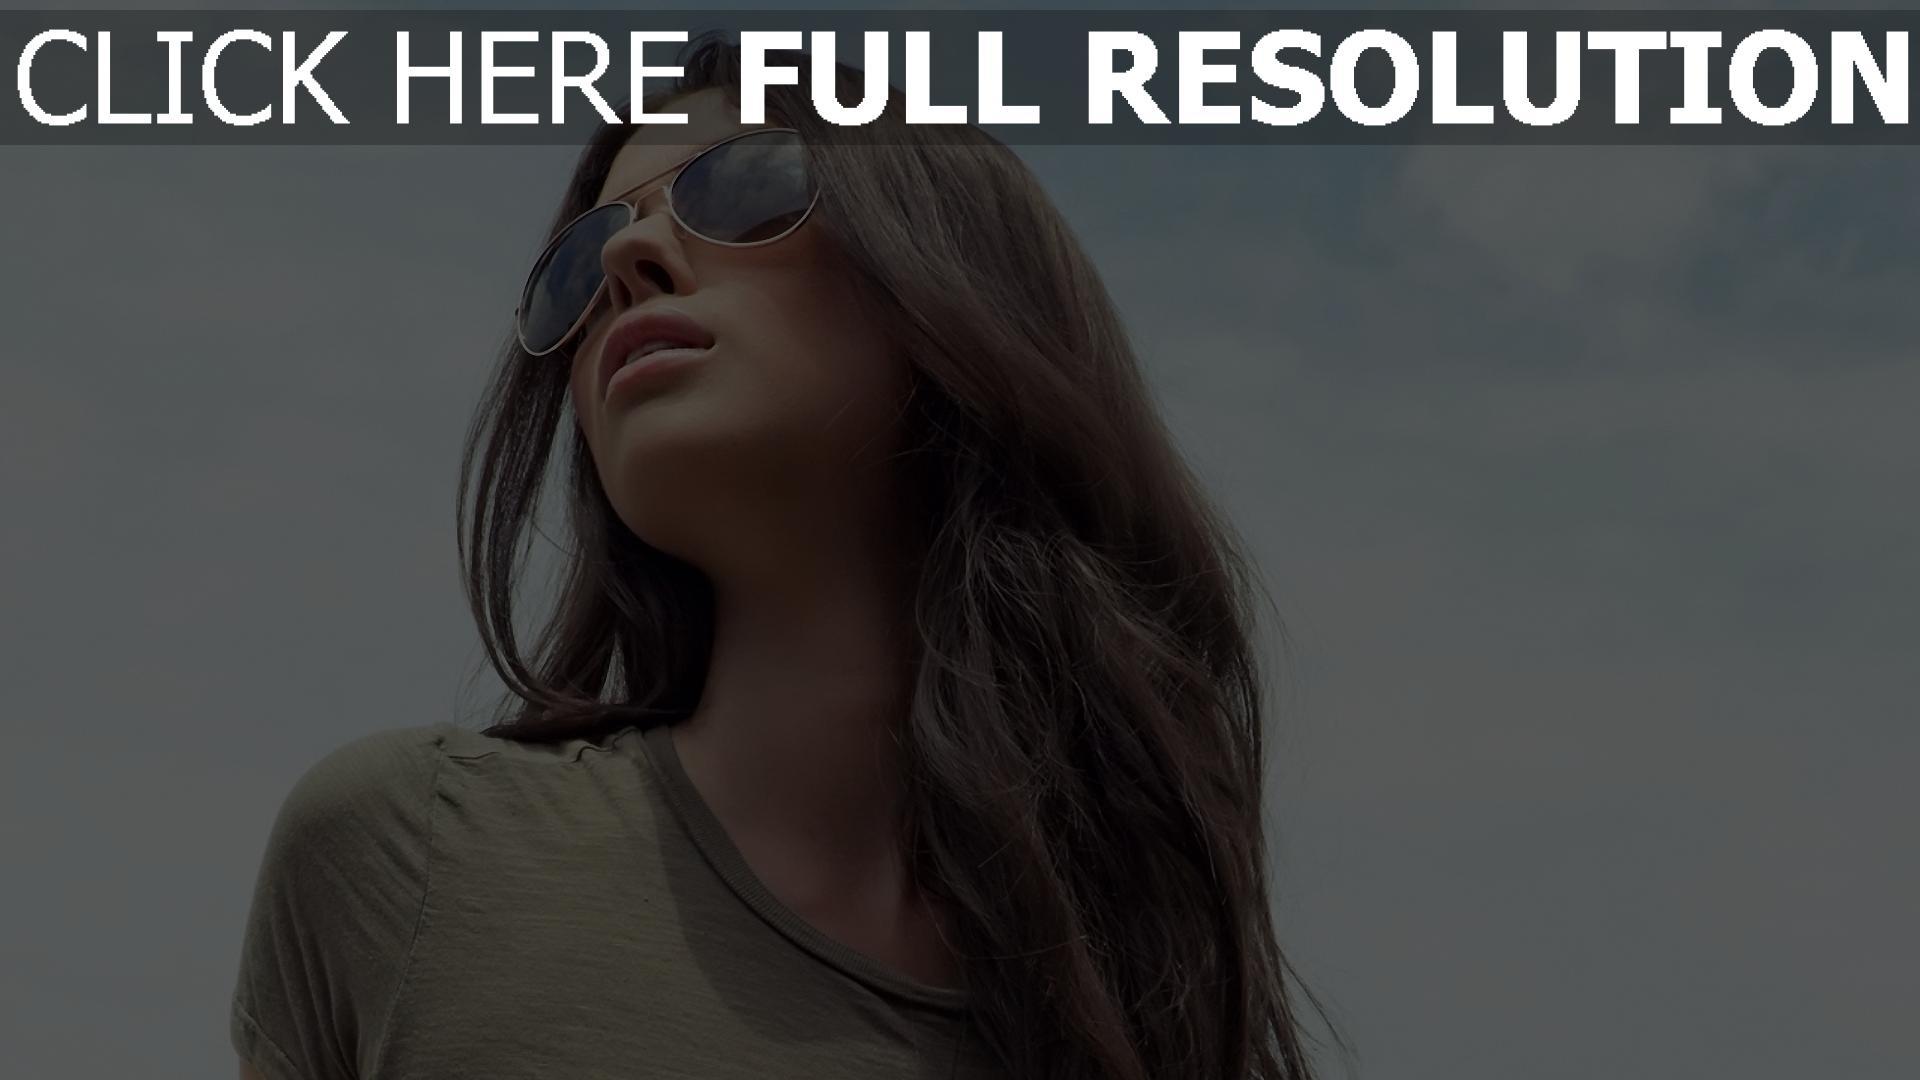 fond d'écran 1920x1080 visage lunettes cheveux bruns